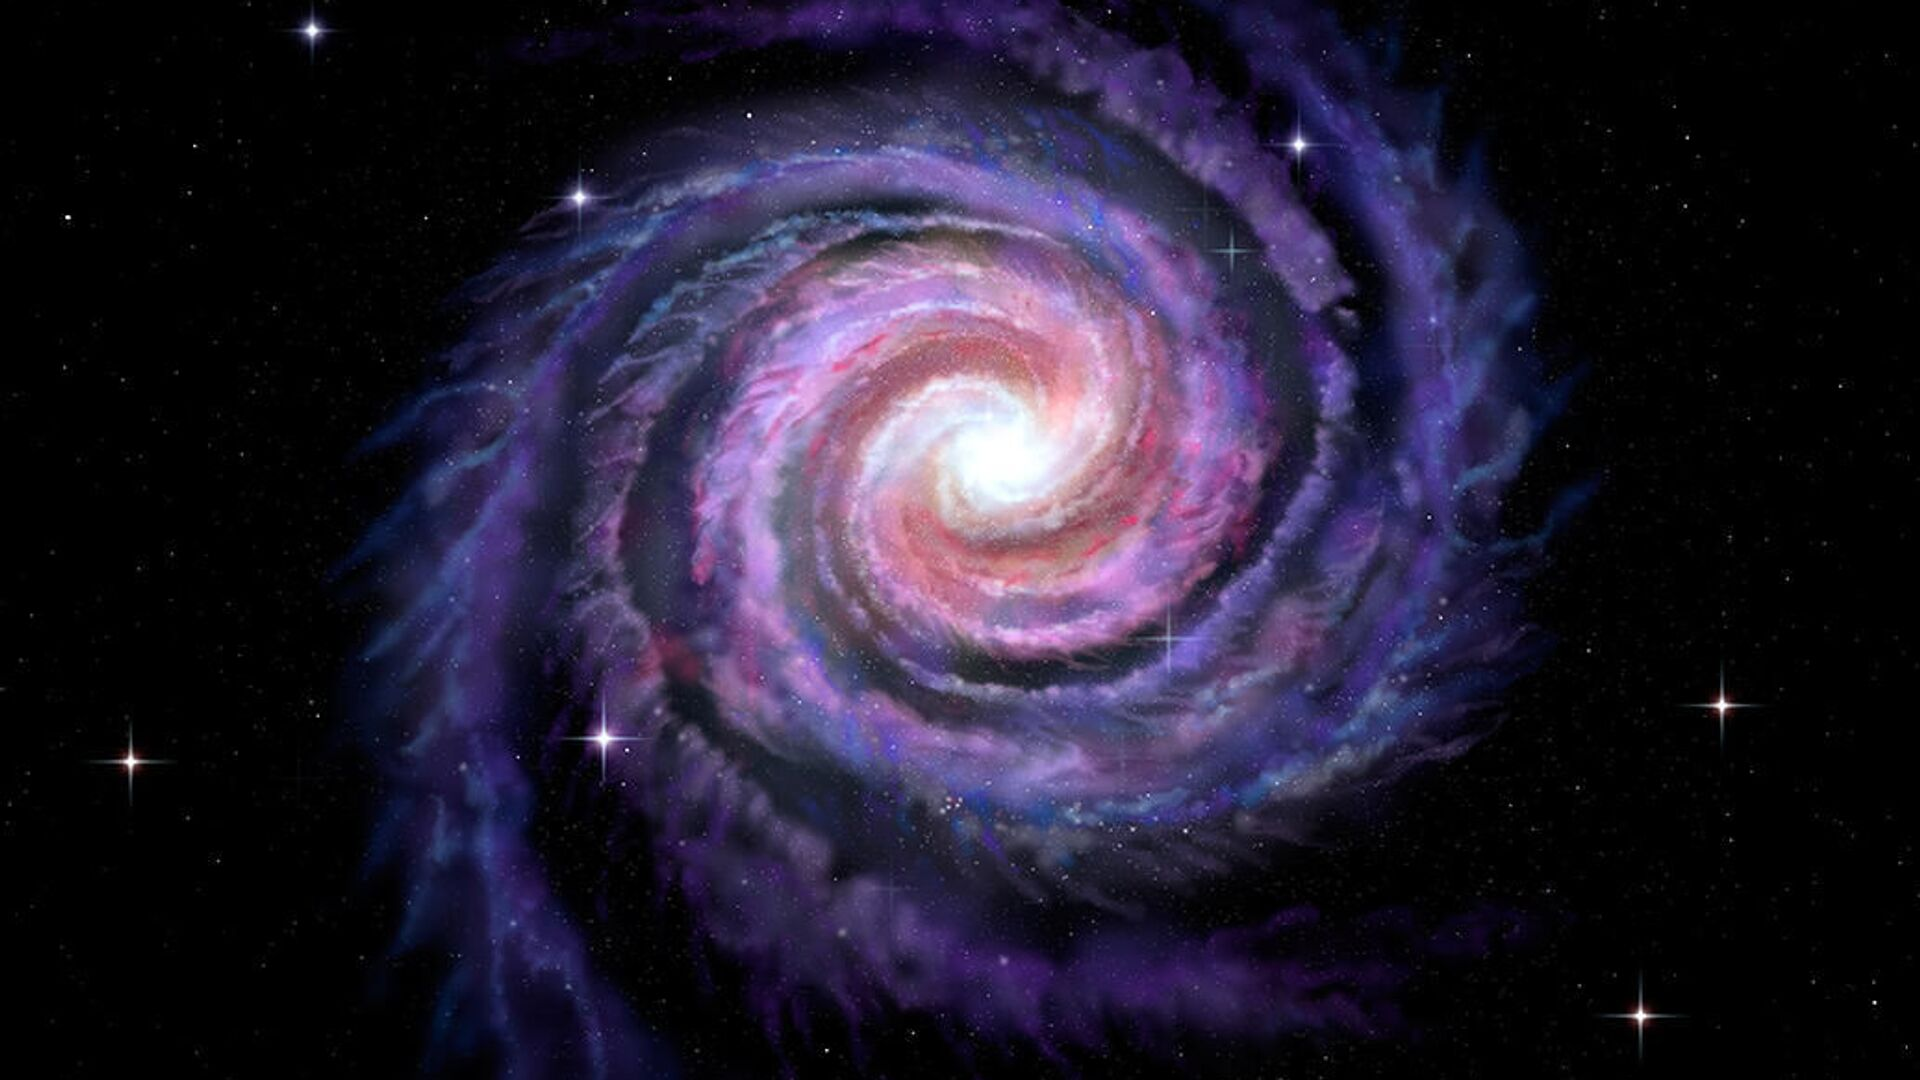 La galassia nostra - Via Lattea - Sputnik Italia, 1920, 25.09.2021